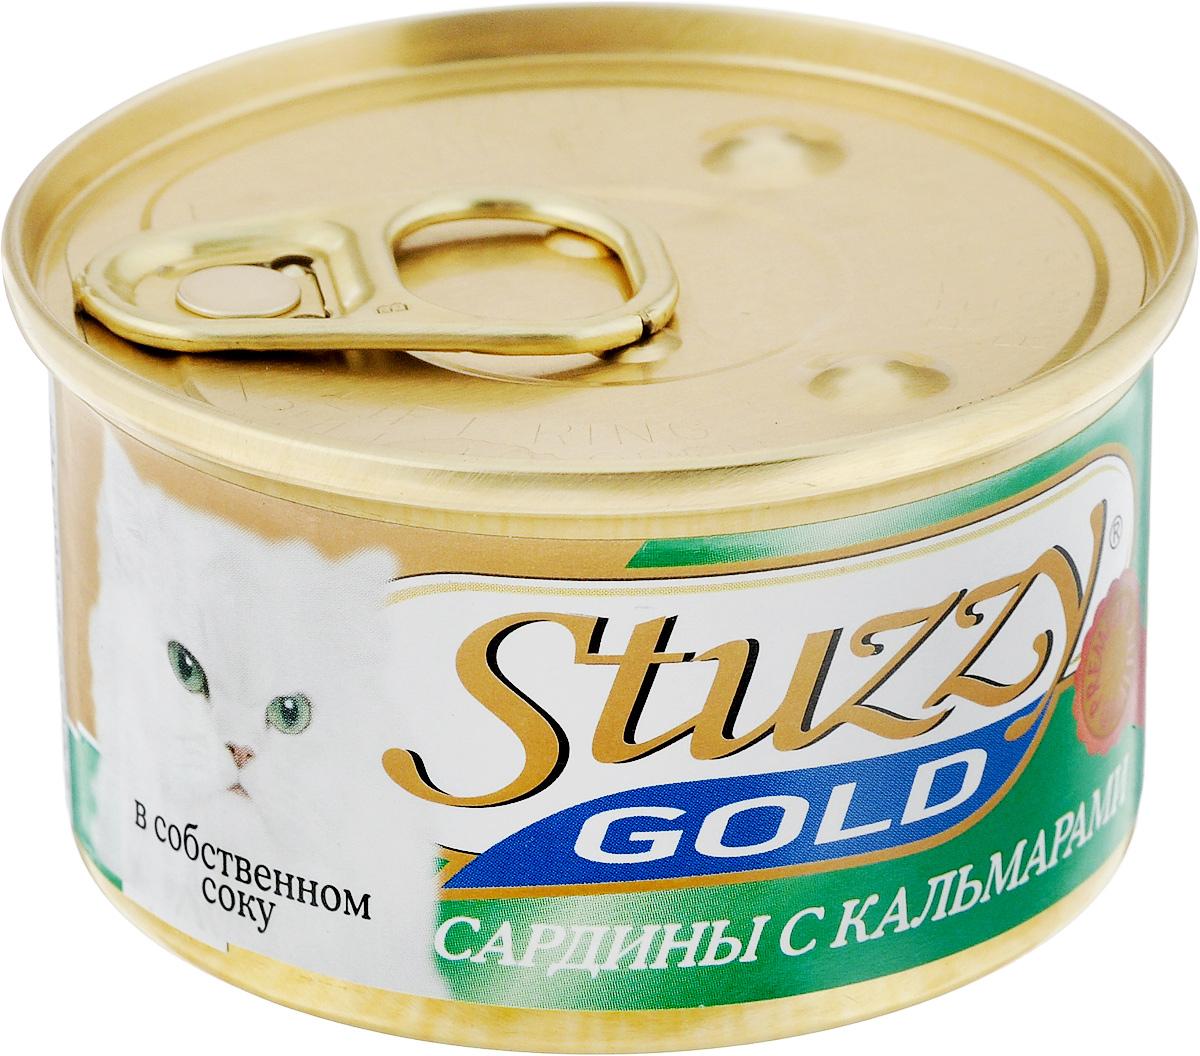 Консервы для взрослых кошек Stuzzy Gold, сардины с кальмарами в собственном соку, 85 г132.C401Консервы для кошек Stuzzy Gold - это дополнительный рацион для взрослых кошек. Корм обогащен таурином и витамином Е для поддержания правильной работы сердца и иммунной системы. Инулин обеспечивает всасывание питательных веществ, а биотин способствуют великолепному внешнему виду кожи и шерсти. Корм приготовлен на пару, не содержит красителей и консервантов. Состав: субпродукты морепродуктов: сардины 57,6%, кальмары 4,7%, креветки 2,4%, мидии 0,9%.Питательная ценность: белок 11,2%, жир 2,8%, клетчатка 0,1%, зола 2,6%, влажность 82%.Питательные добавки (на кг): витамин А 1325 МЕ, витамин D3 110 МЕ, витамин Е 15 мг,таурин 160 мг. Товар сертифицирован.